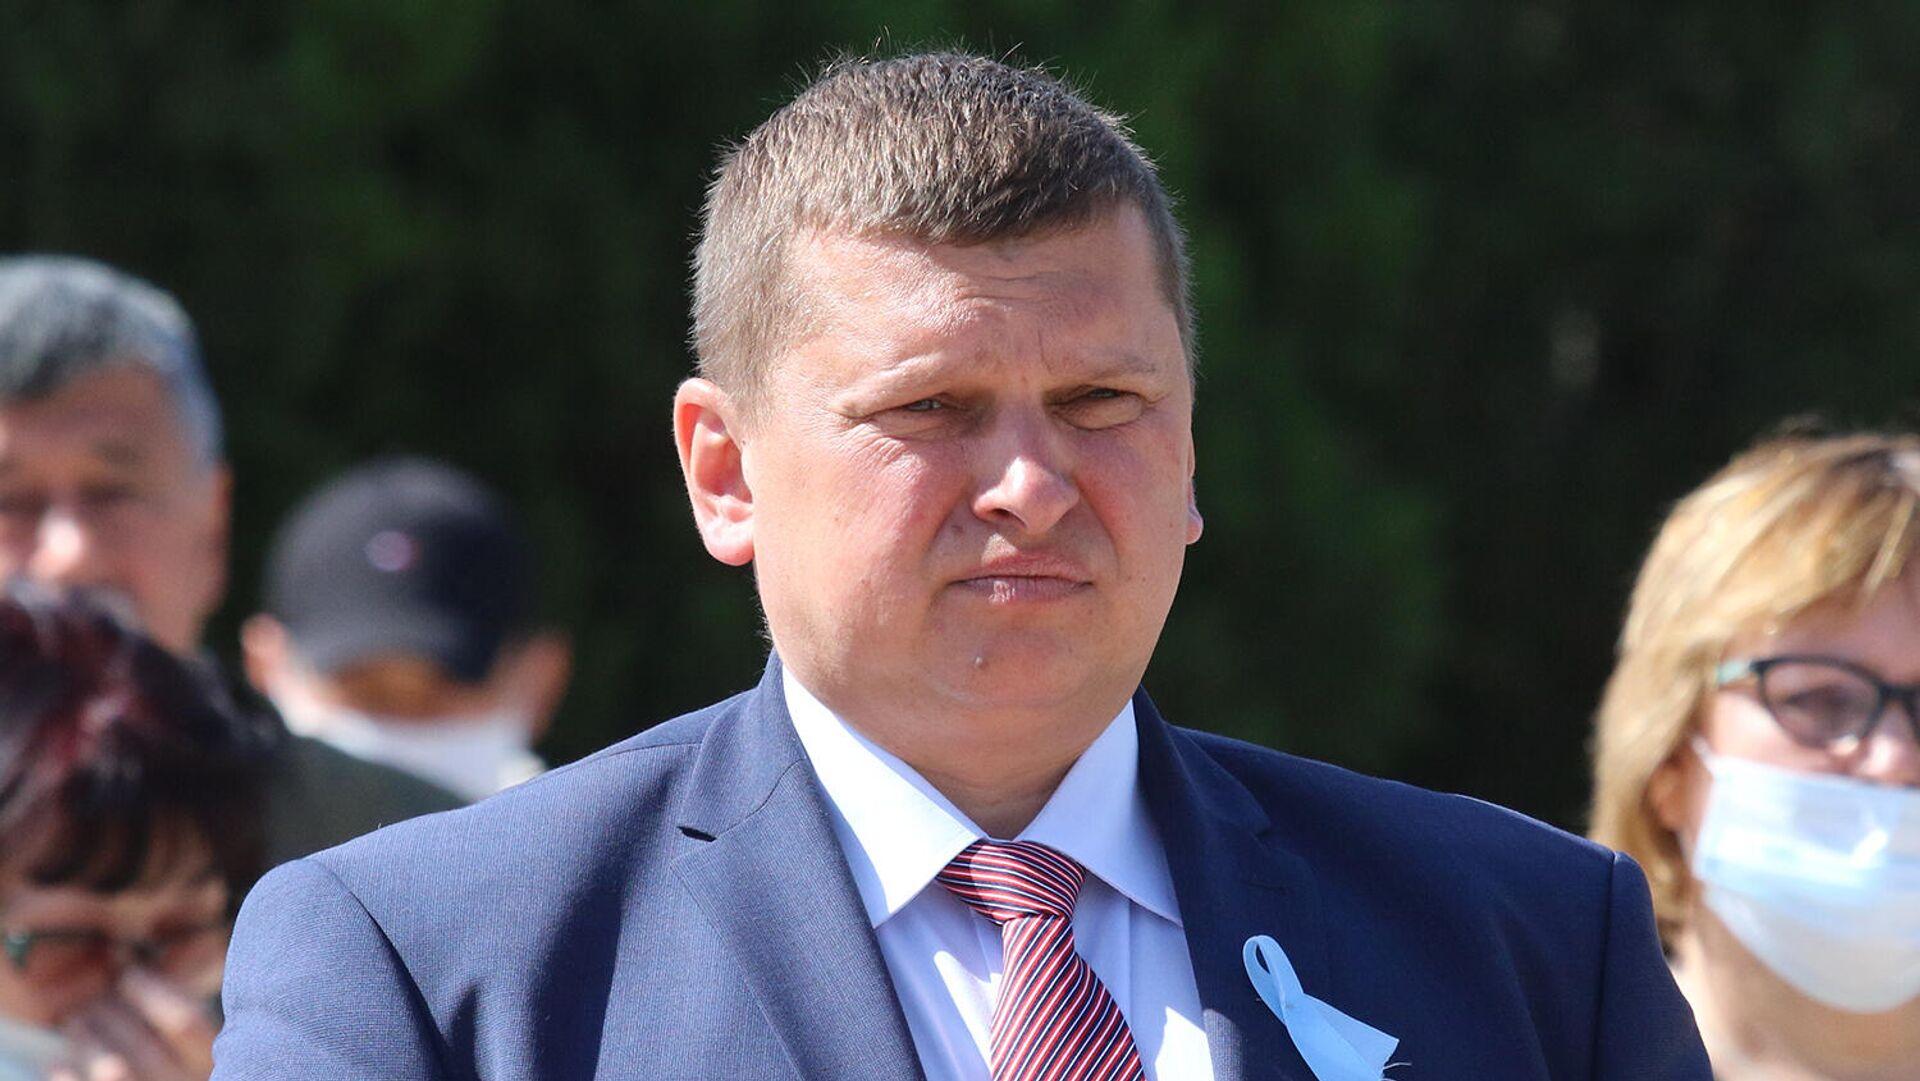 Главу горсовета Евпатории заподозрили в махинациях, заявил источник